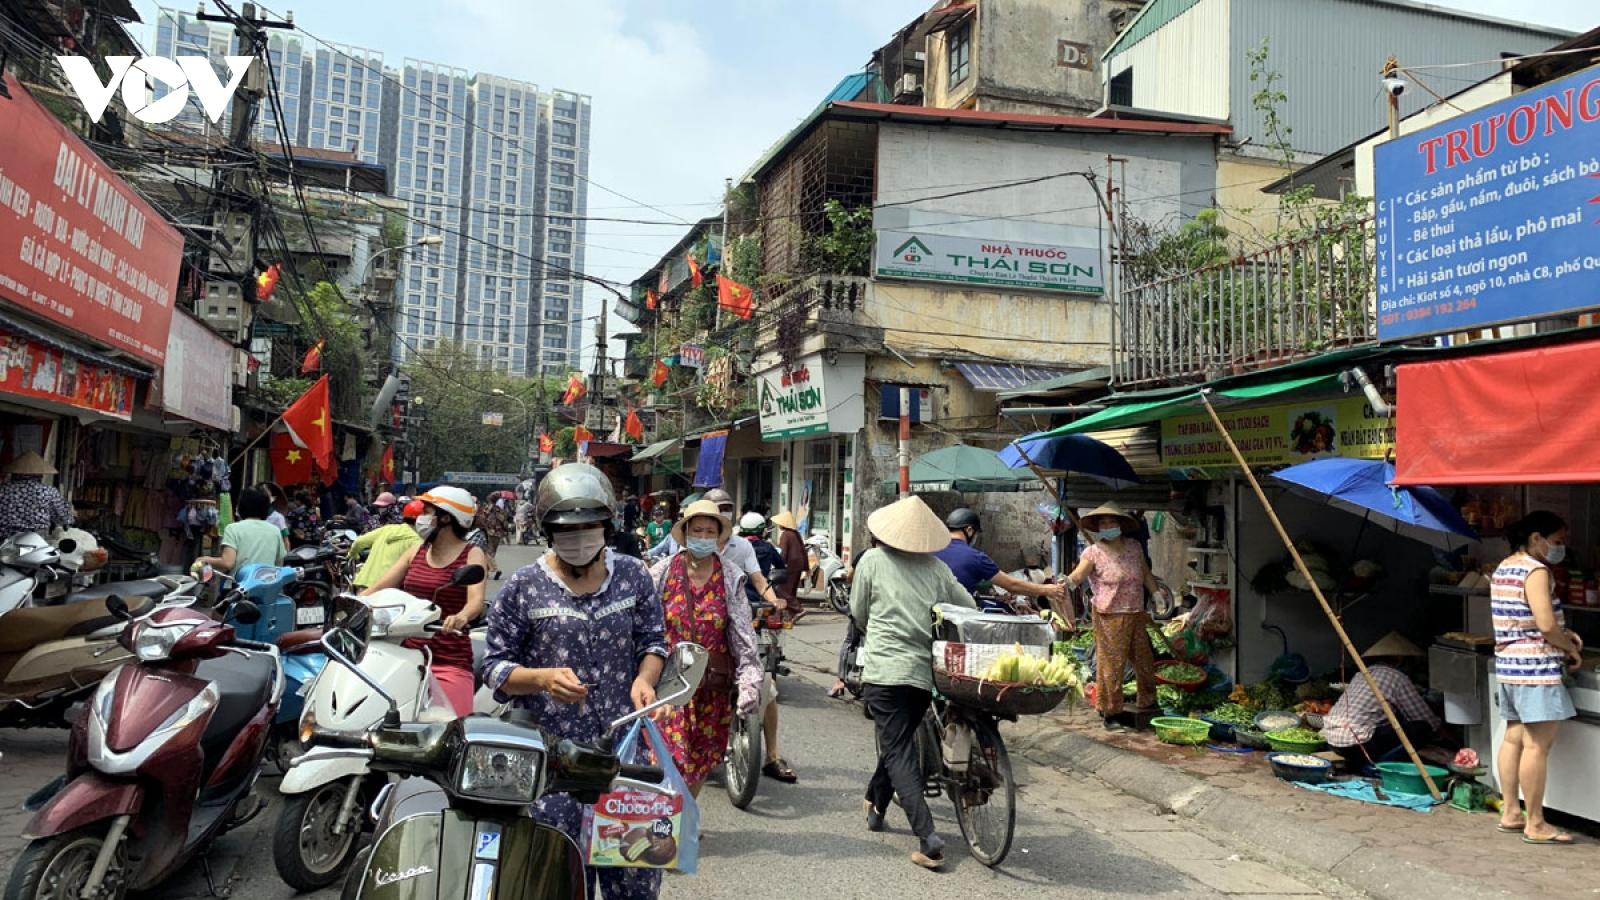 Chợ cóc ở Hà Nội tái hoạt động khi không có lực lượng chức năng